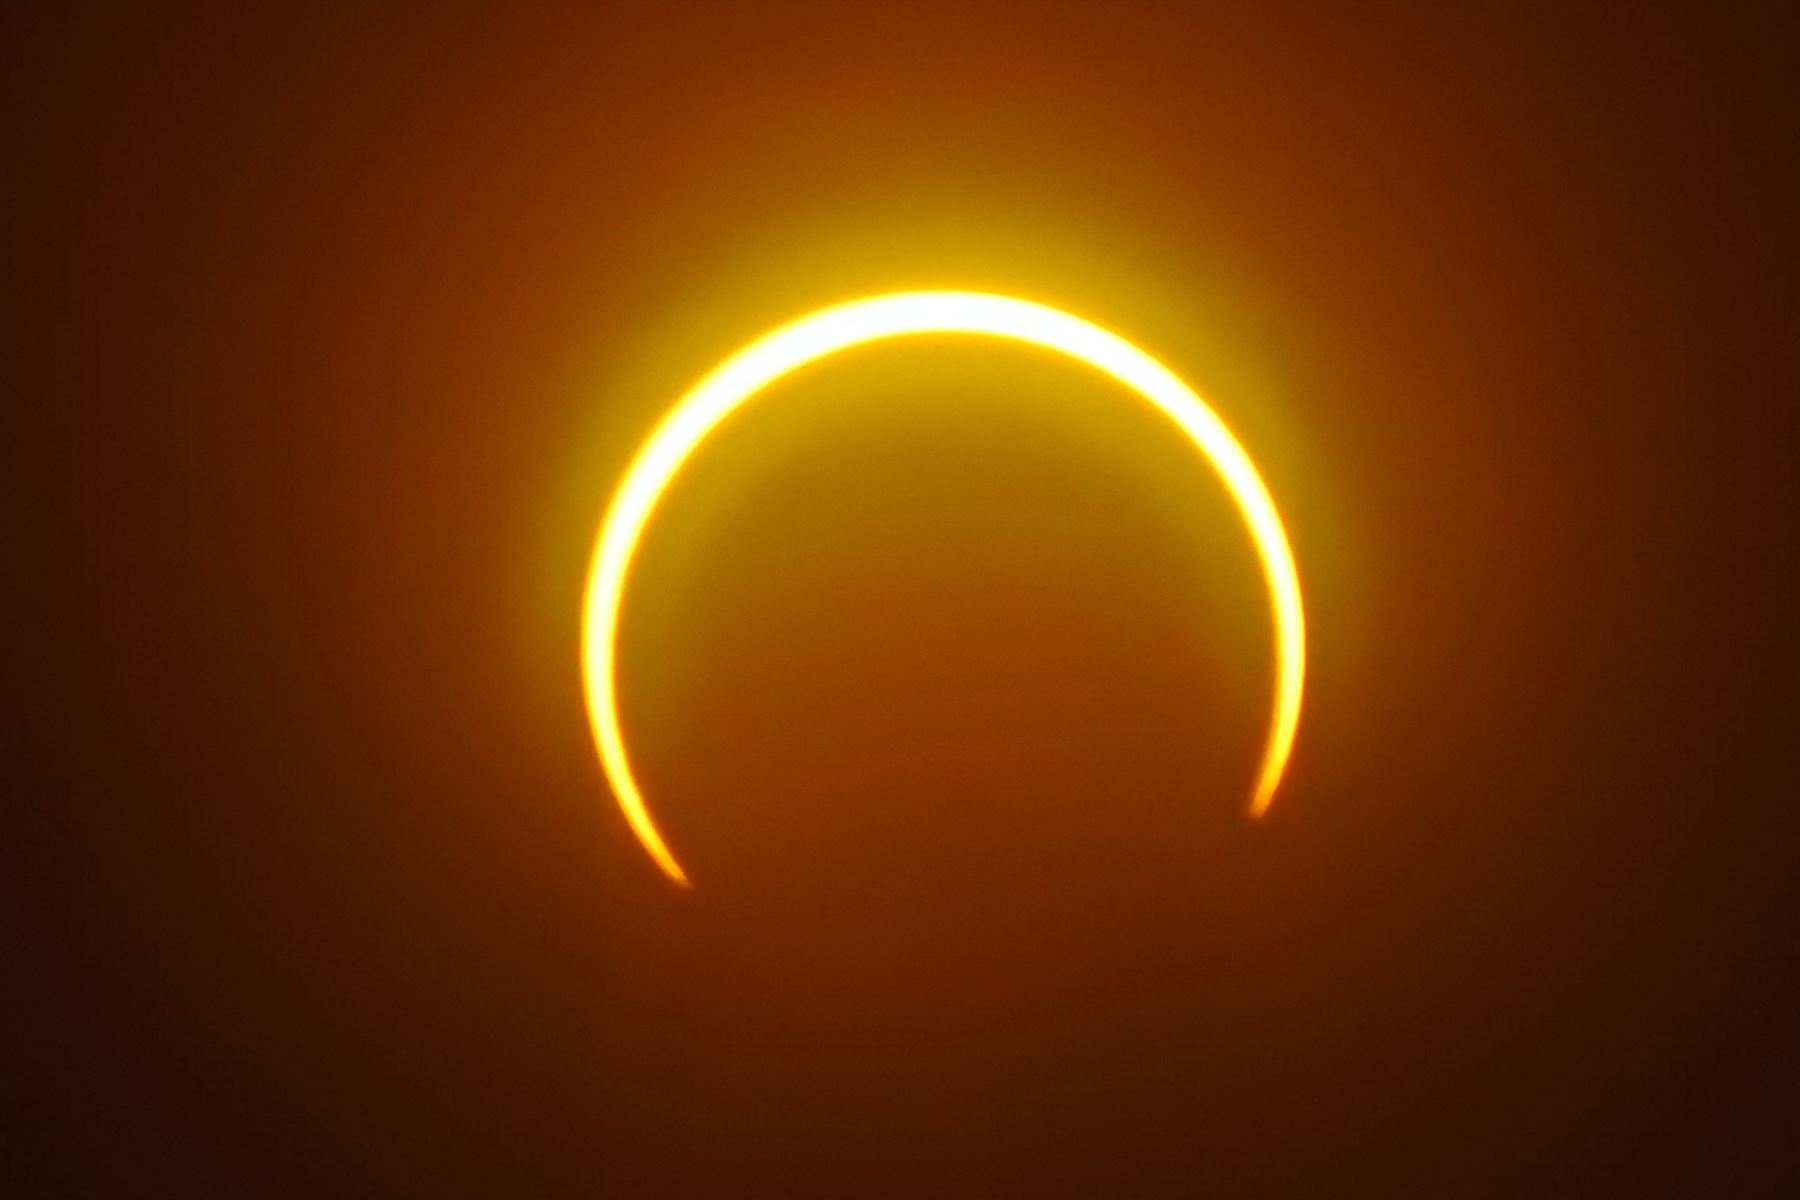 """La luna se mueve frente al sol en un eclipse solar de """"anillo de fuego"""" visto desde la isla Balut. Foto: AFP"""